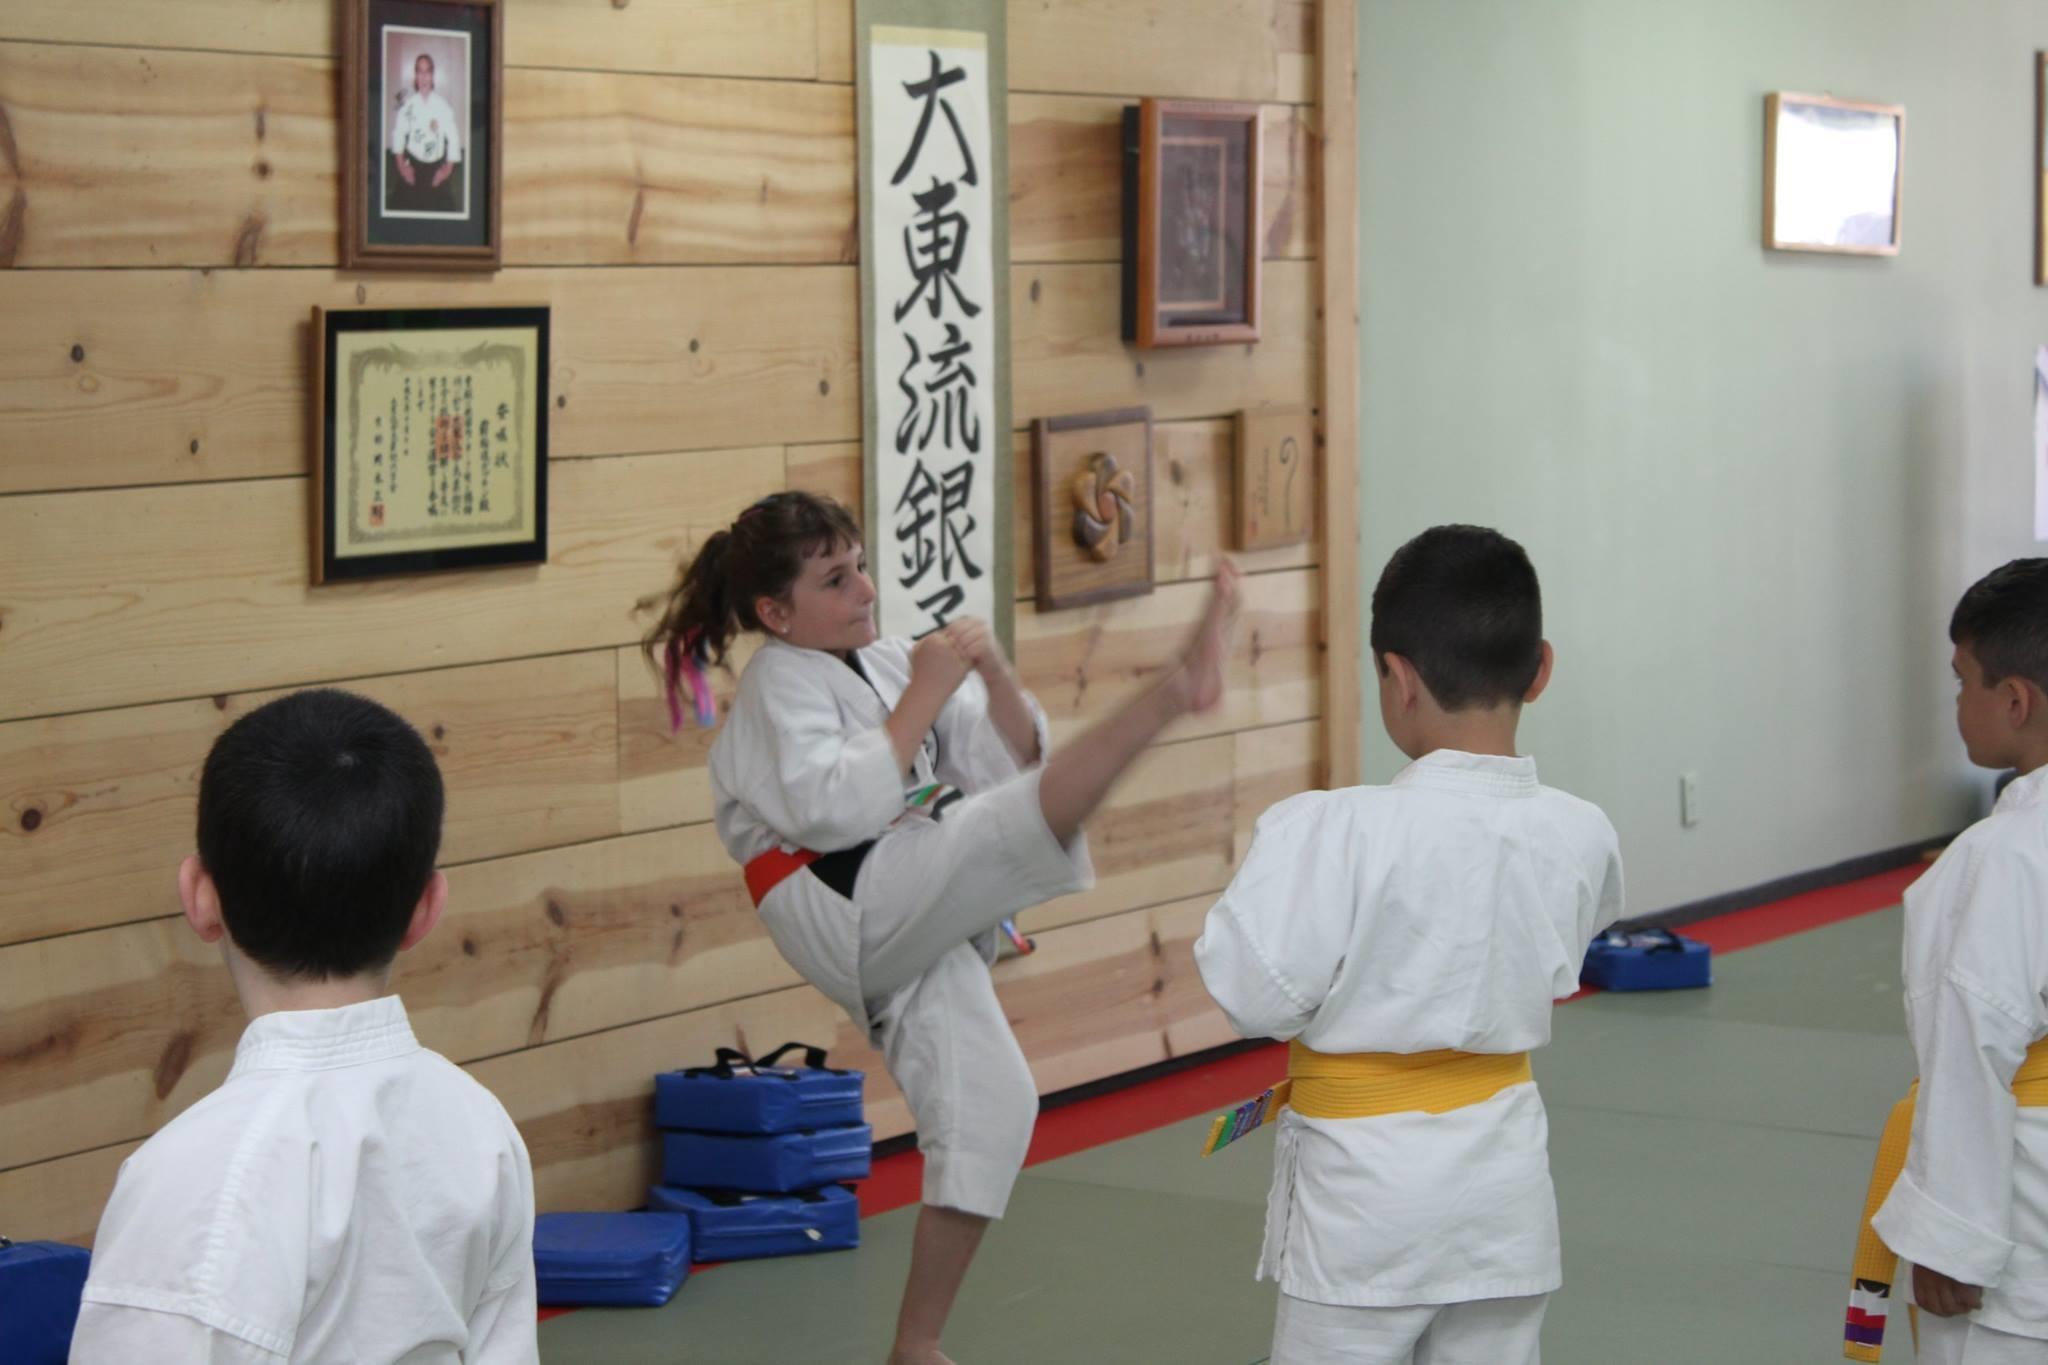 Popkin-Brogna Jujitsu Center image 11